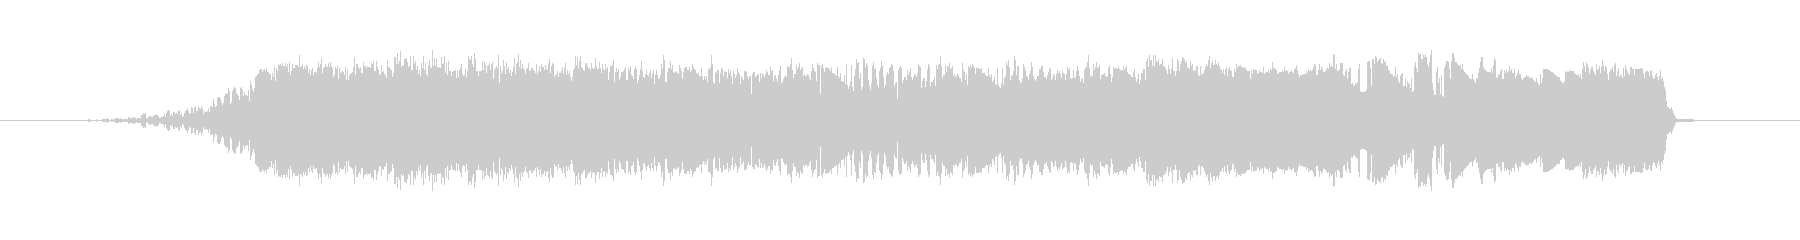 クイックグリッティスクランブルウーシュ3の未再生の波形